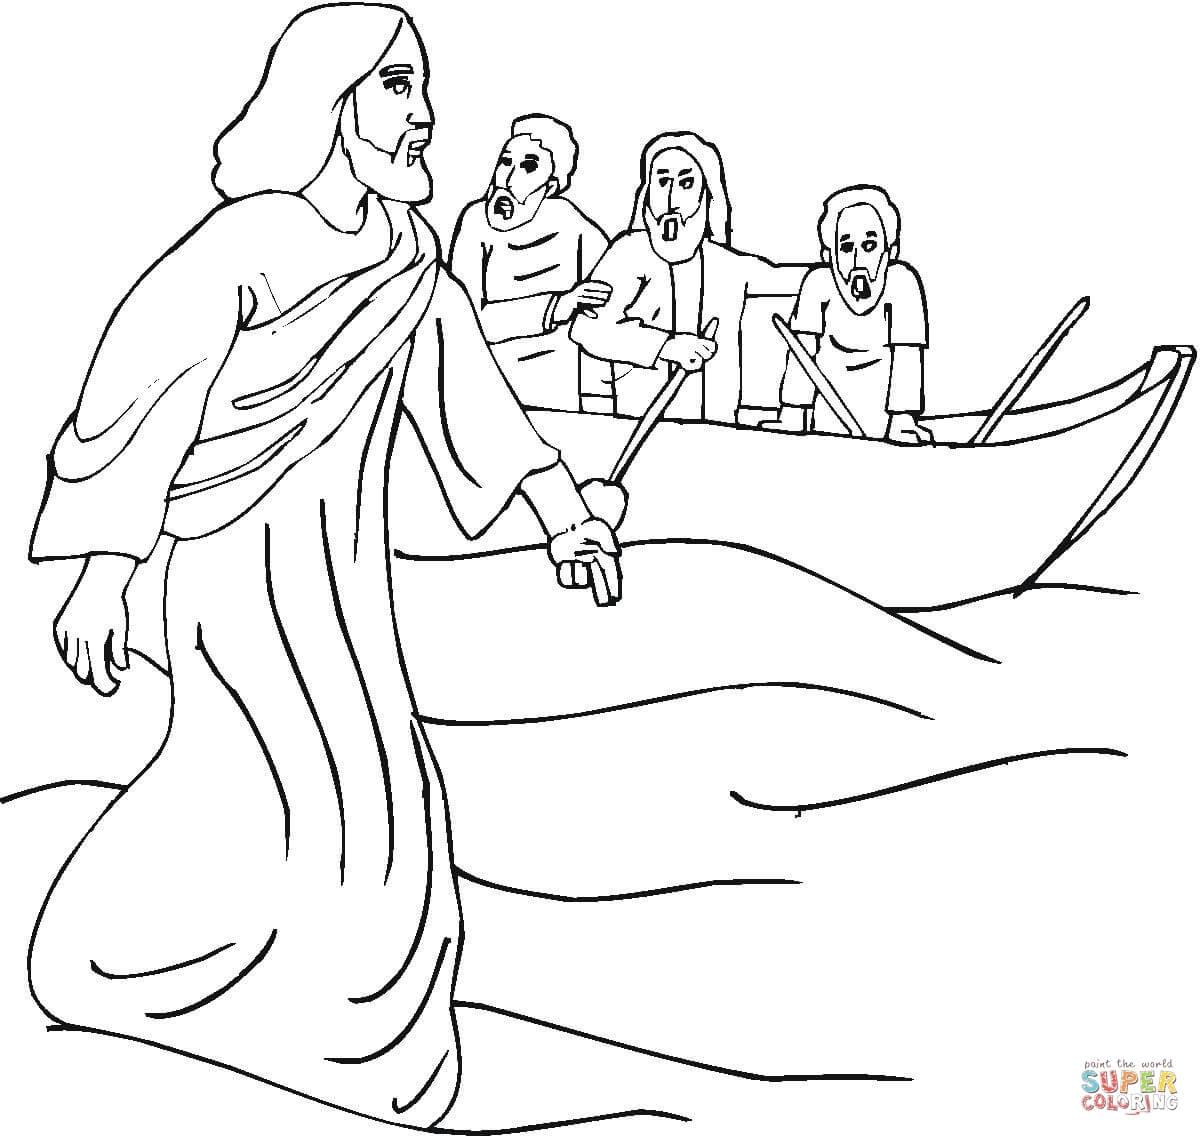 Dibujo De Primer Milagro De Jesús En La Boda En Caná Para Colorear